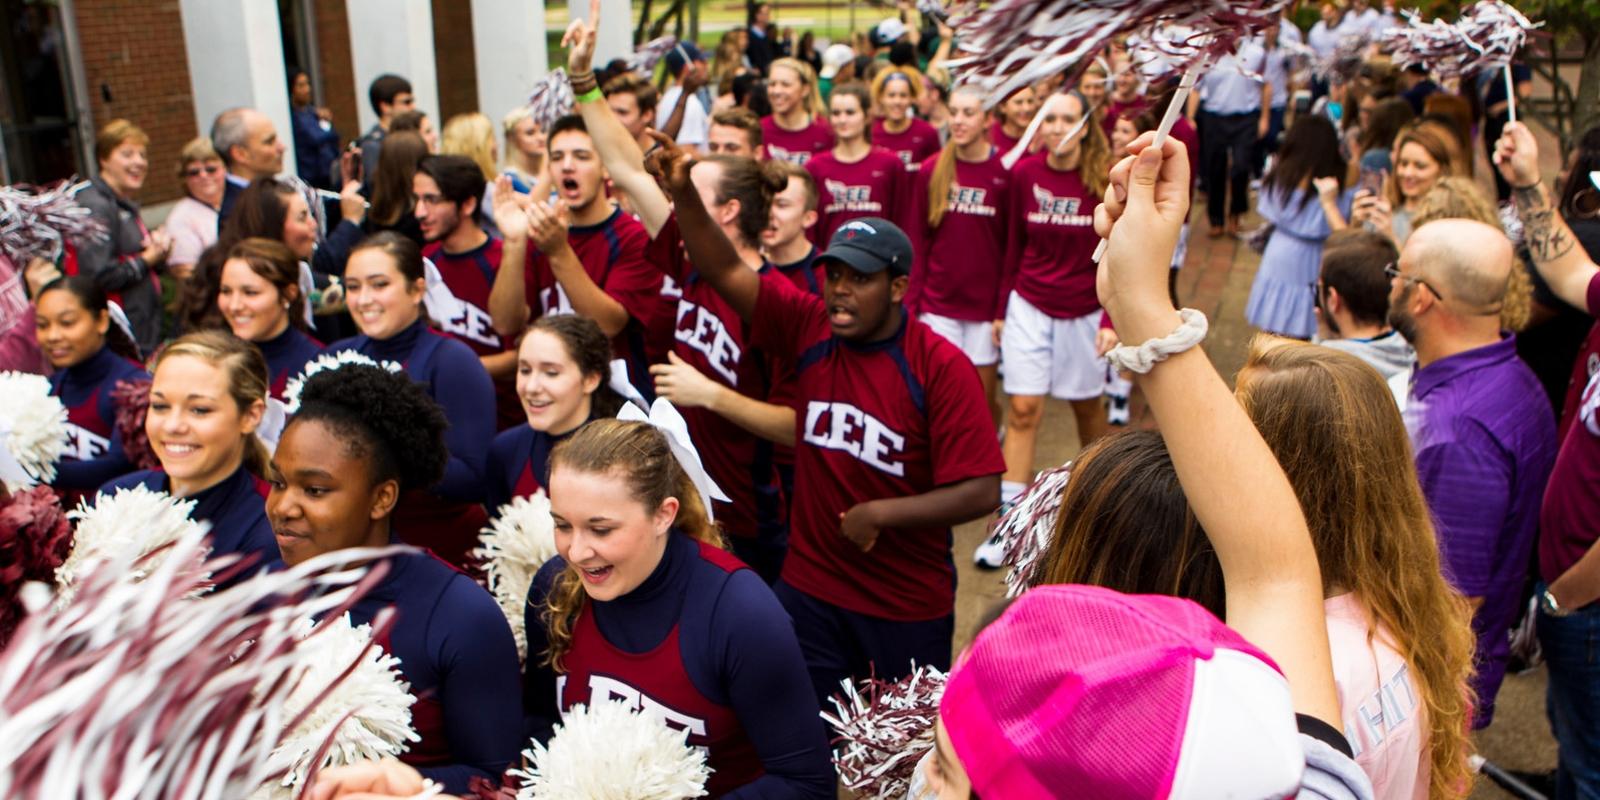 Lee University Homecoming.jpg